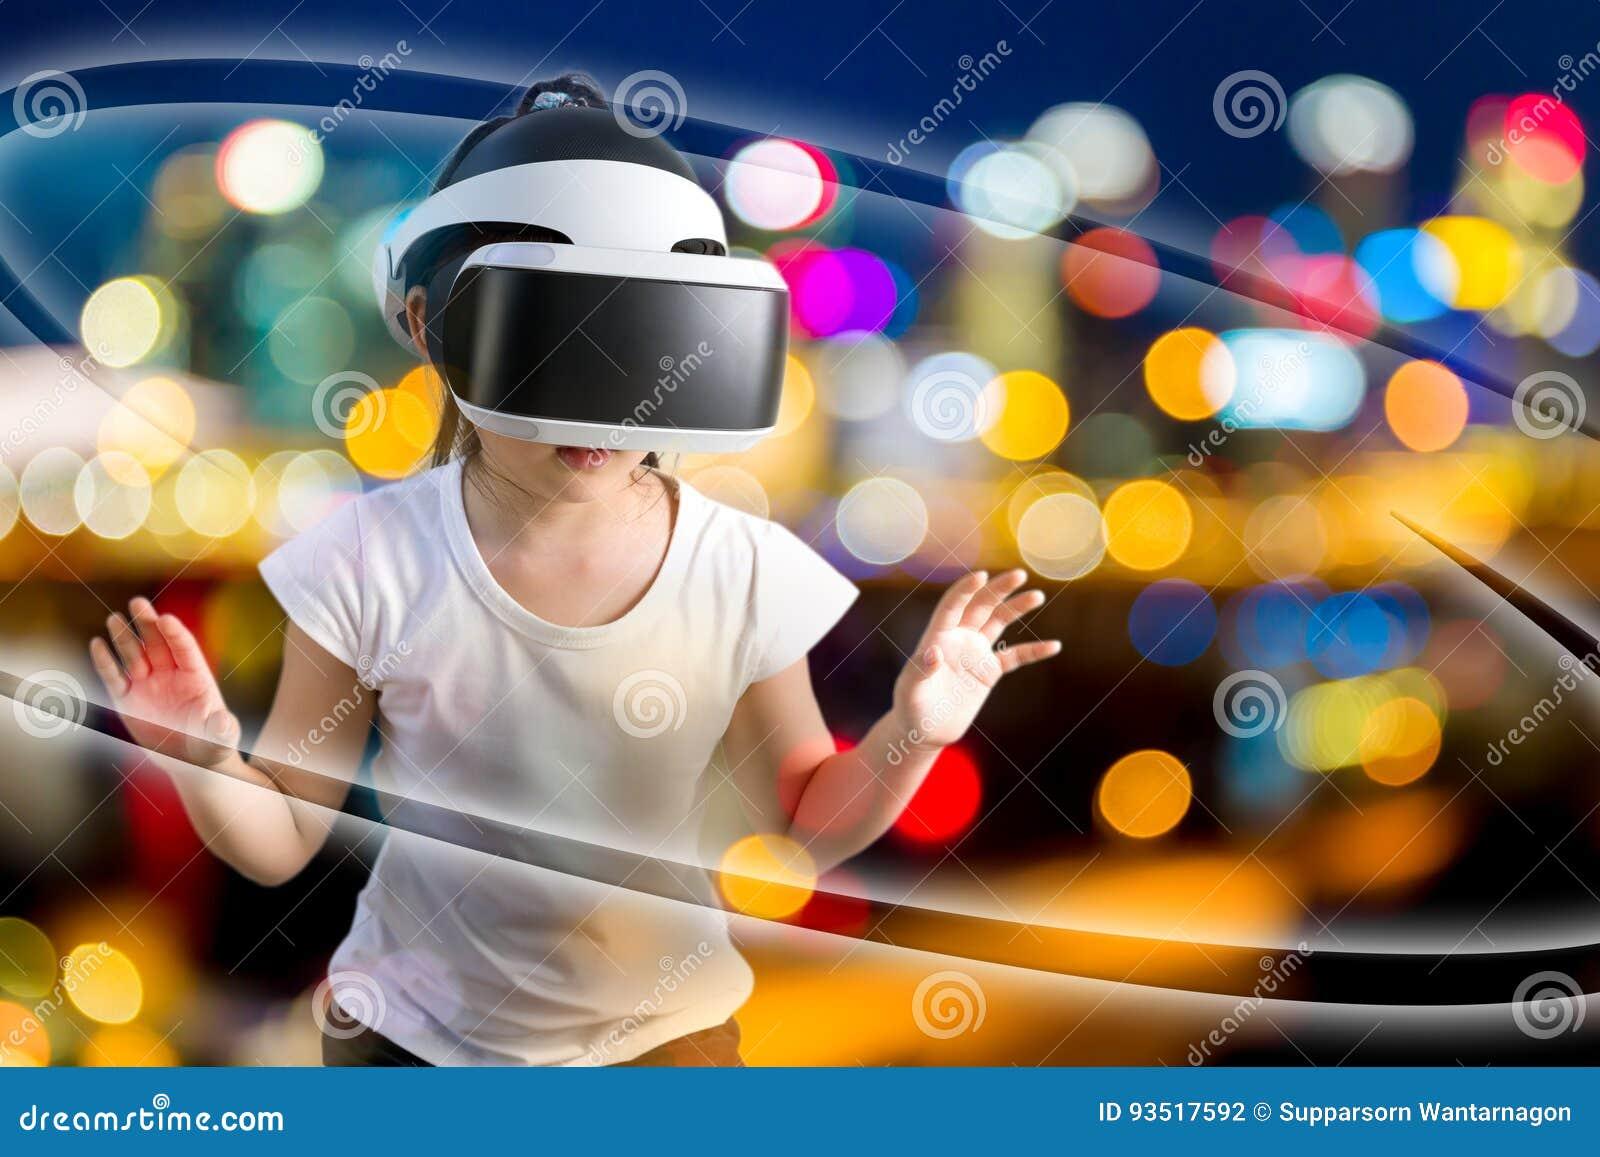 VR eller virtuell verklighetbegrepp som illustreras av asiatiskt bära för barn